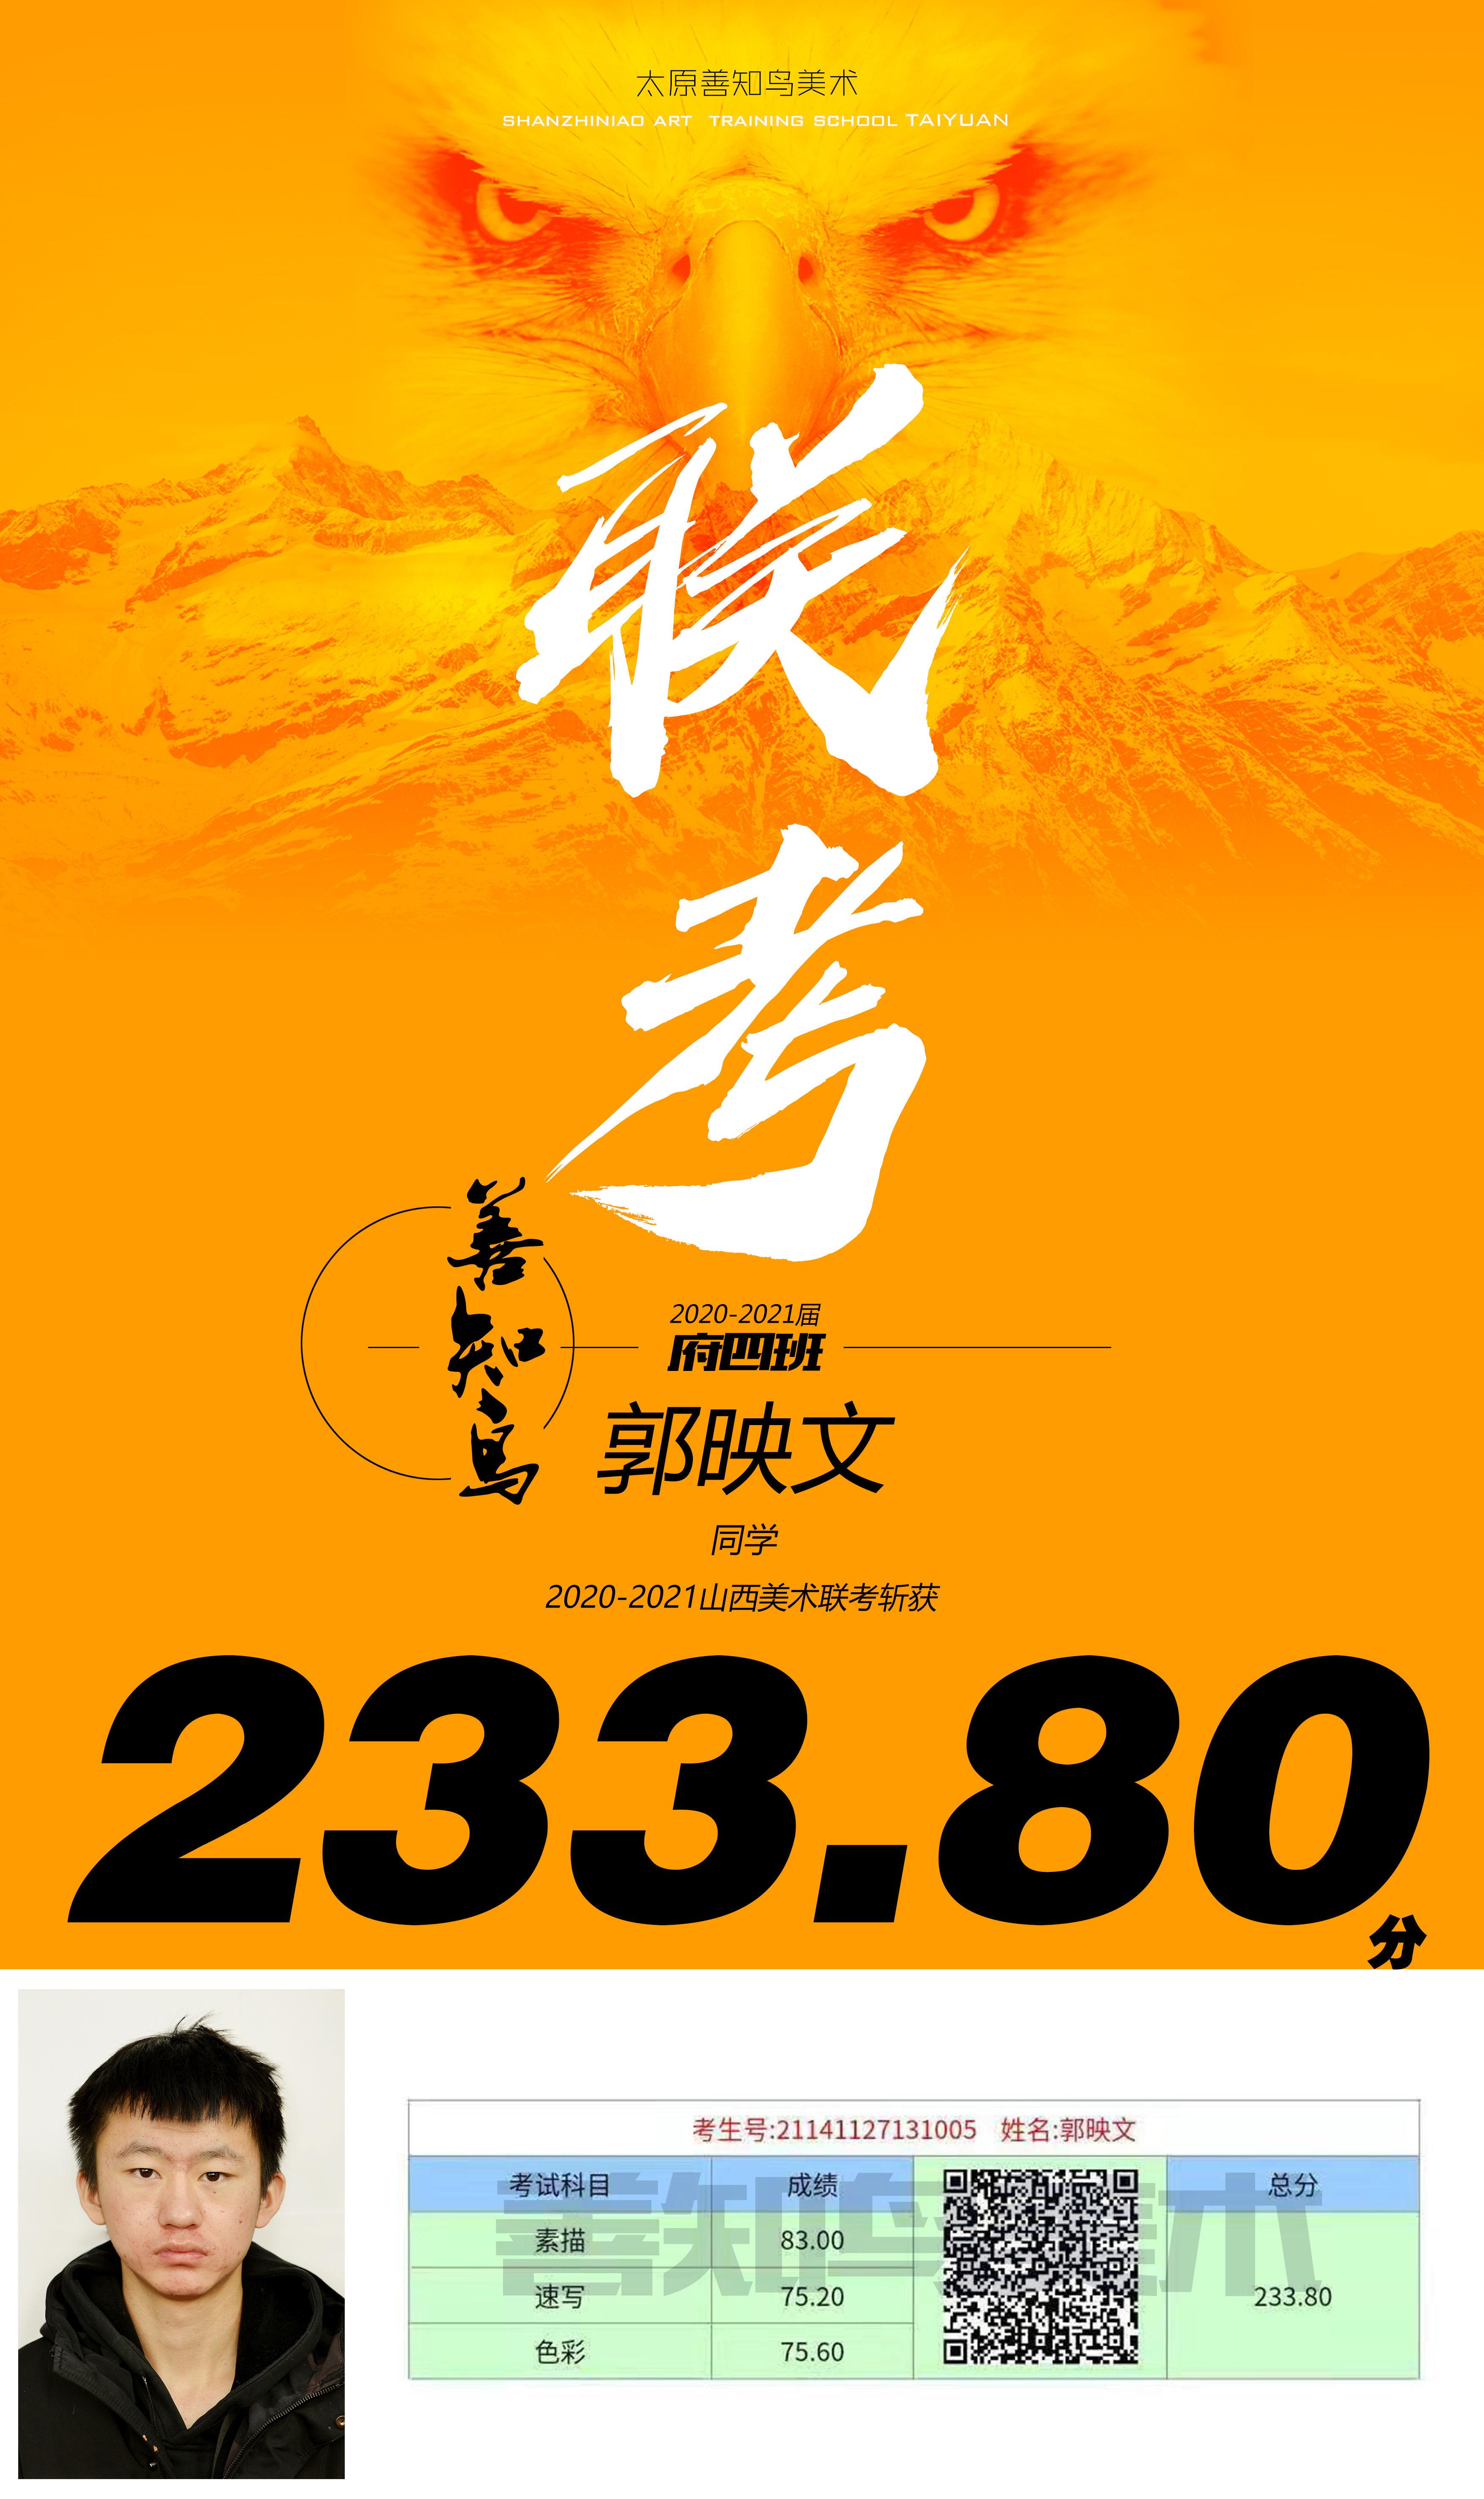 233.80郭映文.jpg